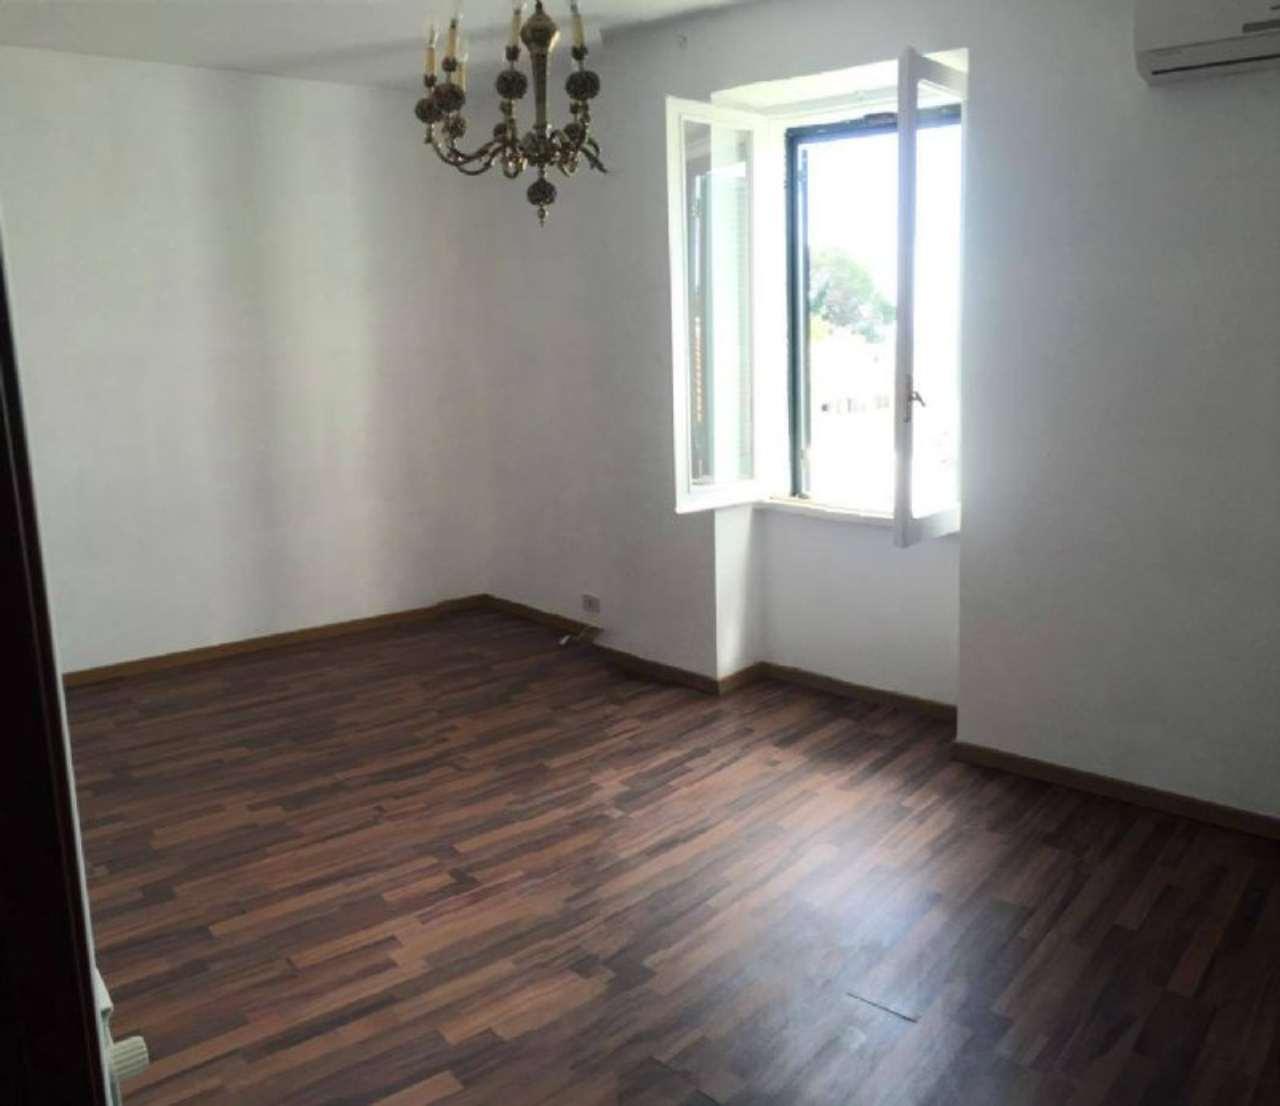 Appartamento in vendita a Capena, 2 locali, prezzo € 65.000 | Cambio Casa.it